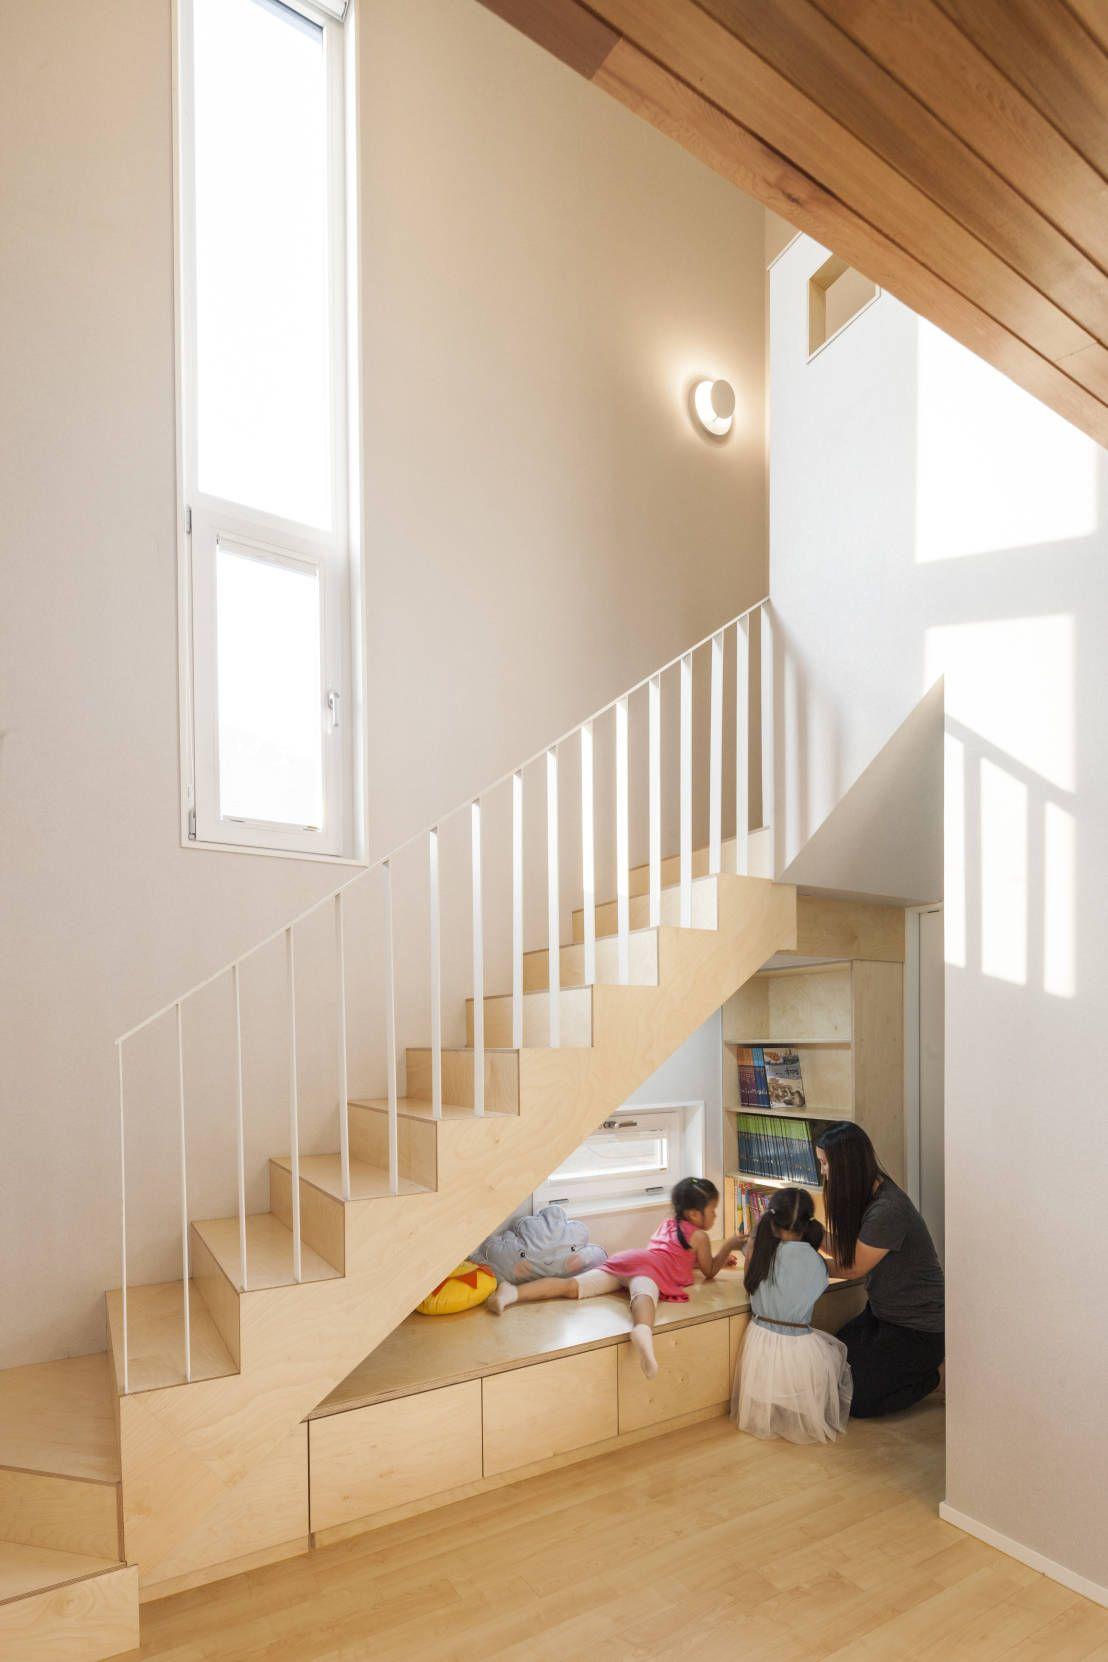 작은 집의 좁은 복도를 알차게 활용하는 방법. Rund Ums HausRundeHaus InnenräumeKleine Häuser Geländer